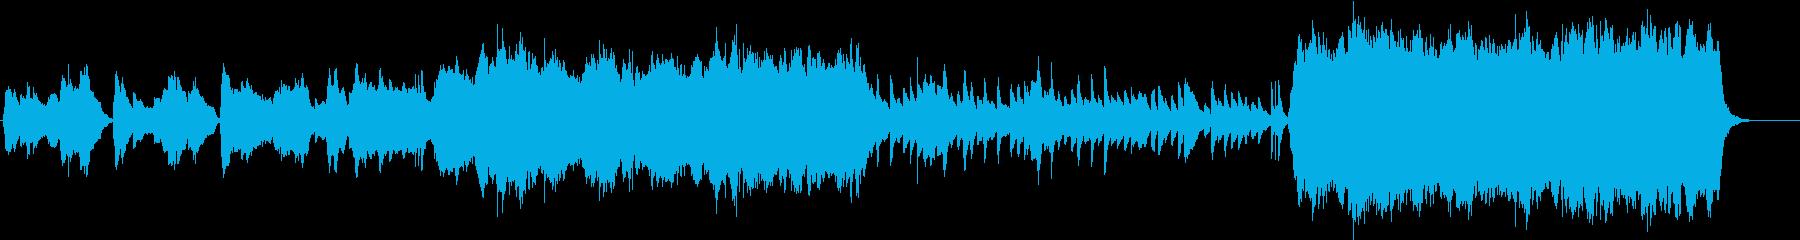 冬をイメージした小編成オーケストラの再生済みの波形